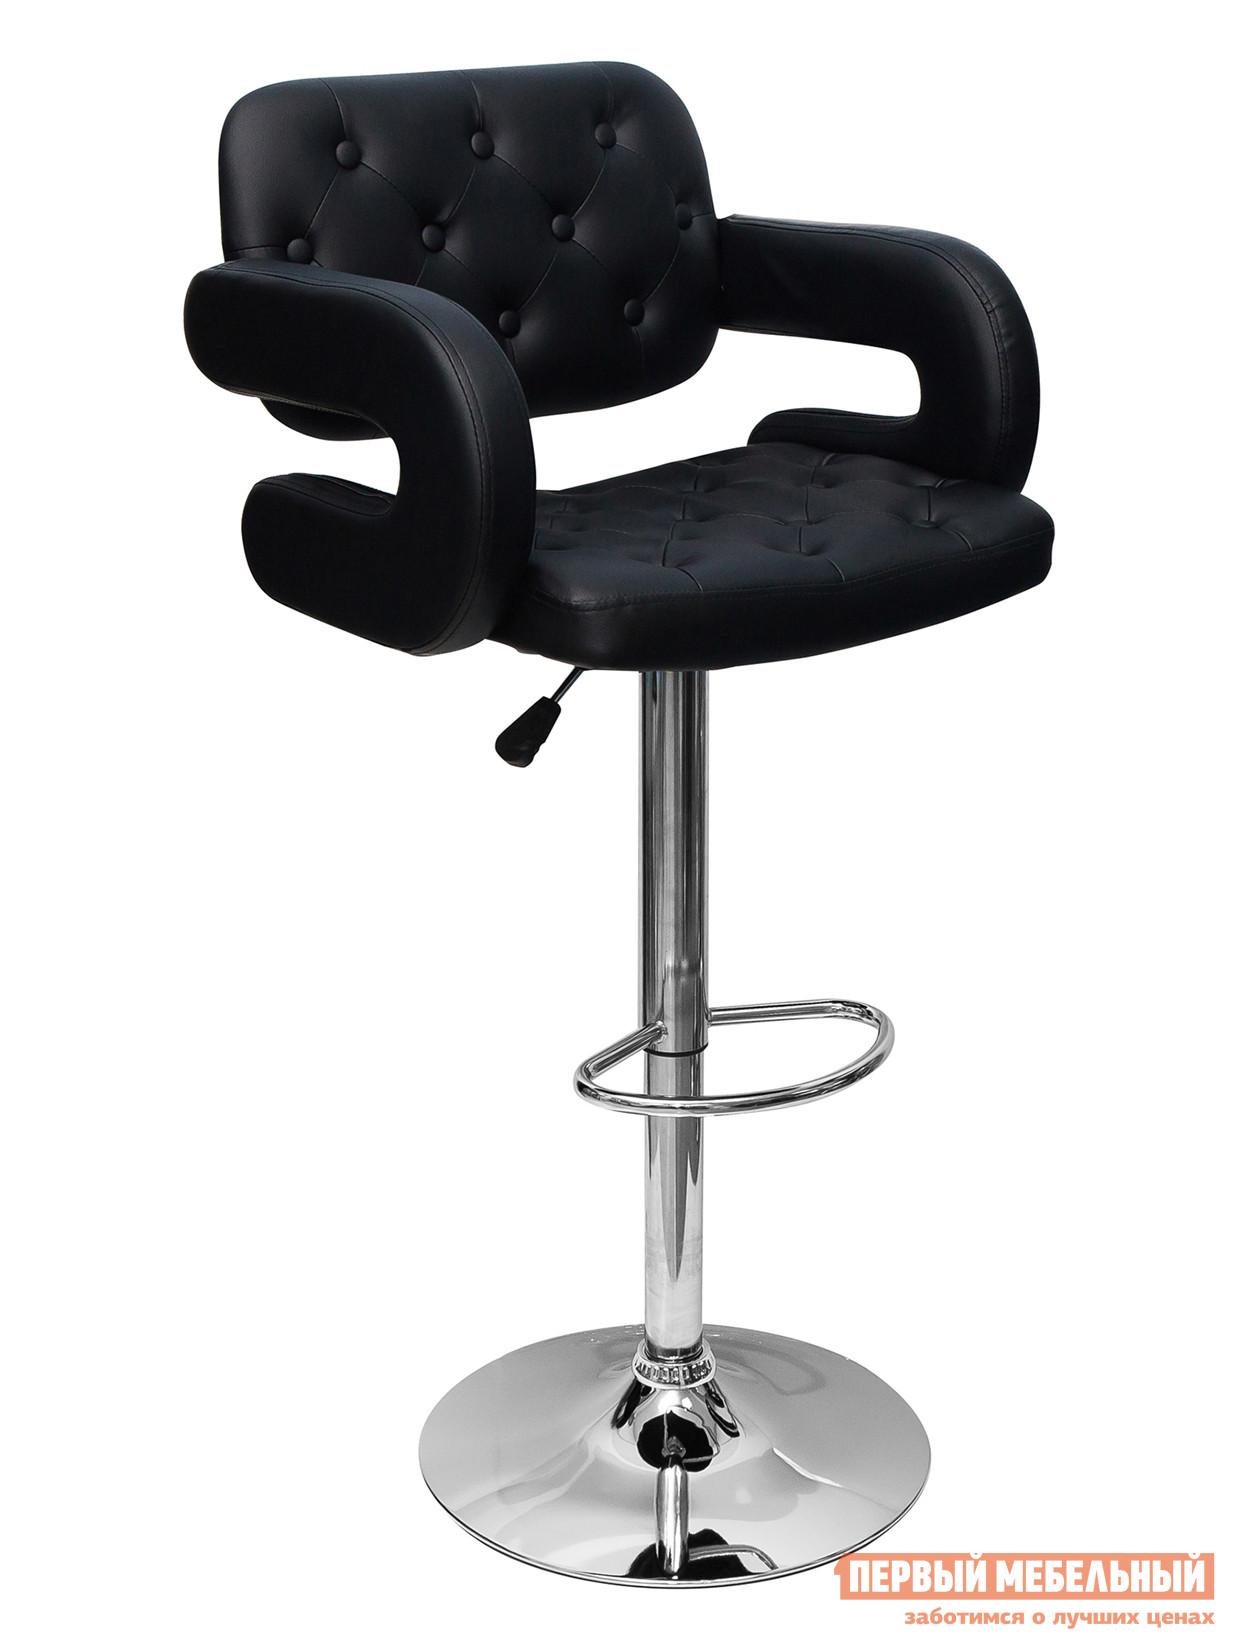 Барный стул  Стул барный Бентли Черный